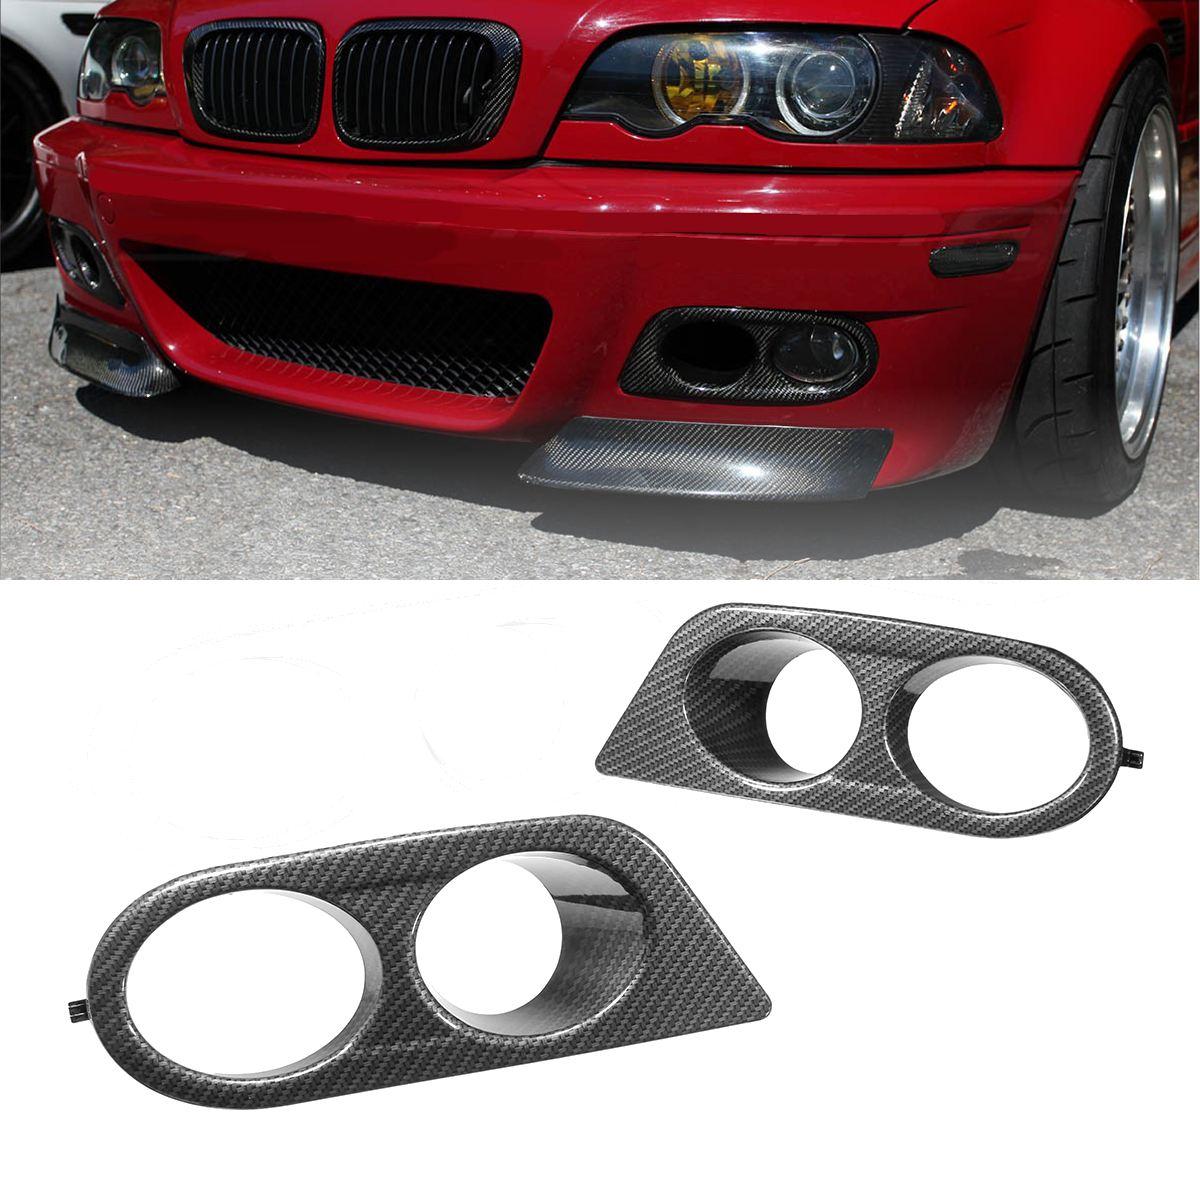 Paire voiture antibrouillard couvre Surround conduit d'air pour BMW E46 M3 2001-2006 fibre de carbone noir brillant